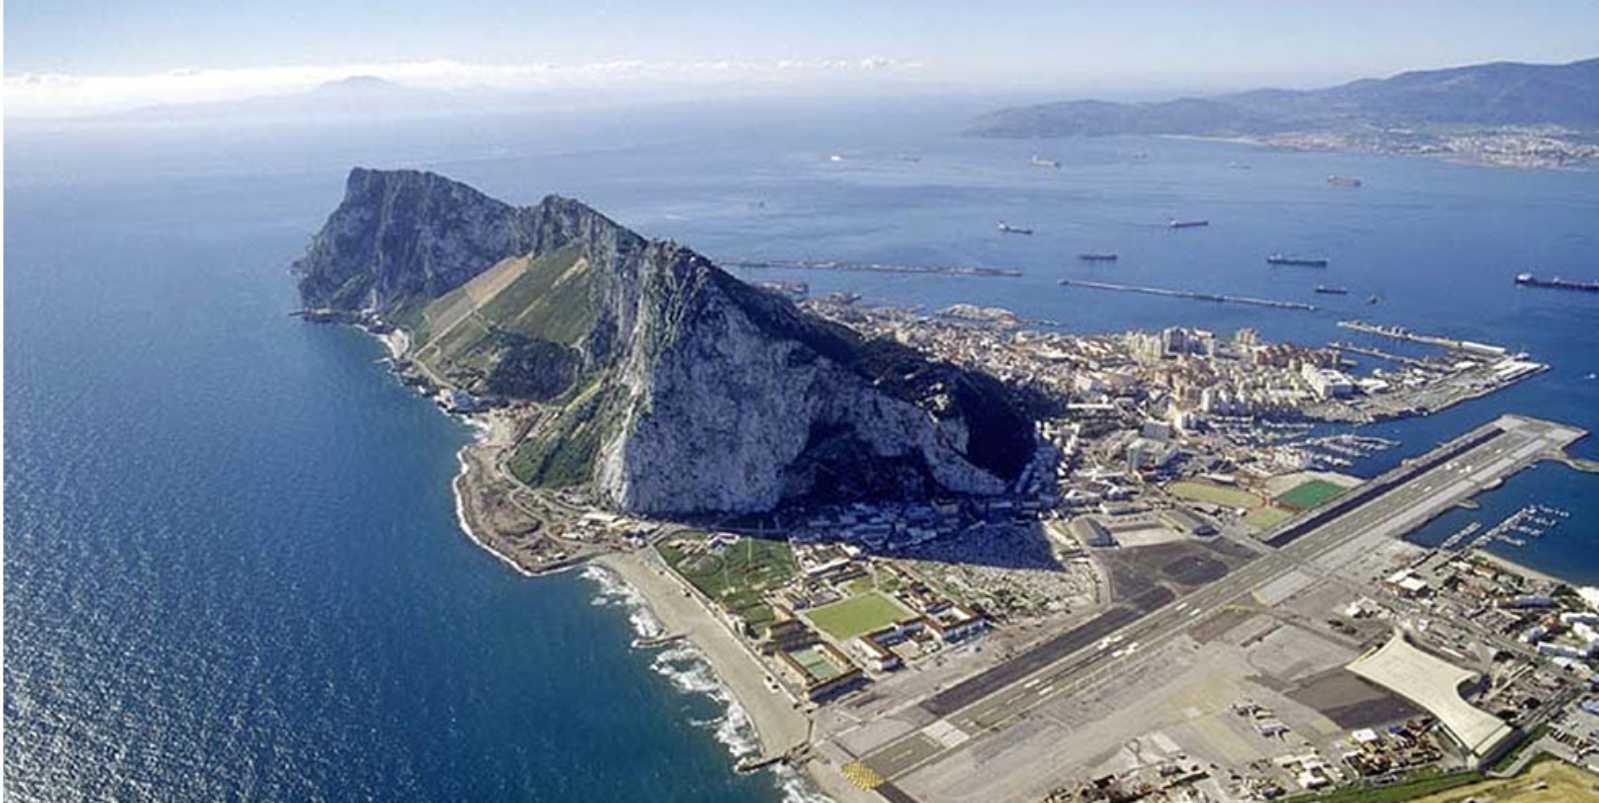 http://2.bp.blogspot.com/-Stbtbzqh-iE/UPlcLEGBg_I/AAAAAAAAVhI/z9oSBJummBs/s1600/Gibraltar%2BAirport%2Bby%2B3DReid%2Band%2Bbblur%2BArchitecture03.jpg